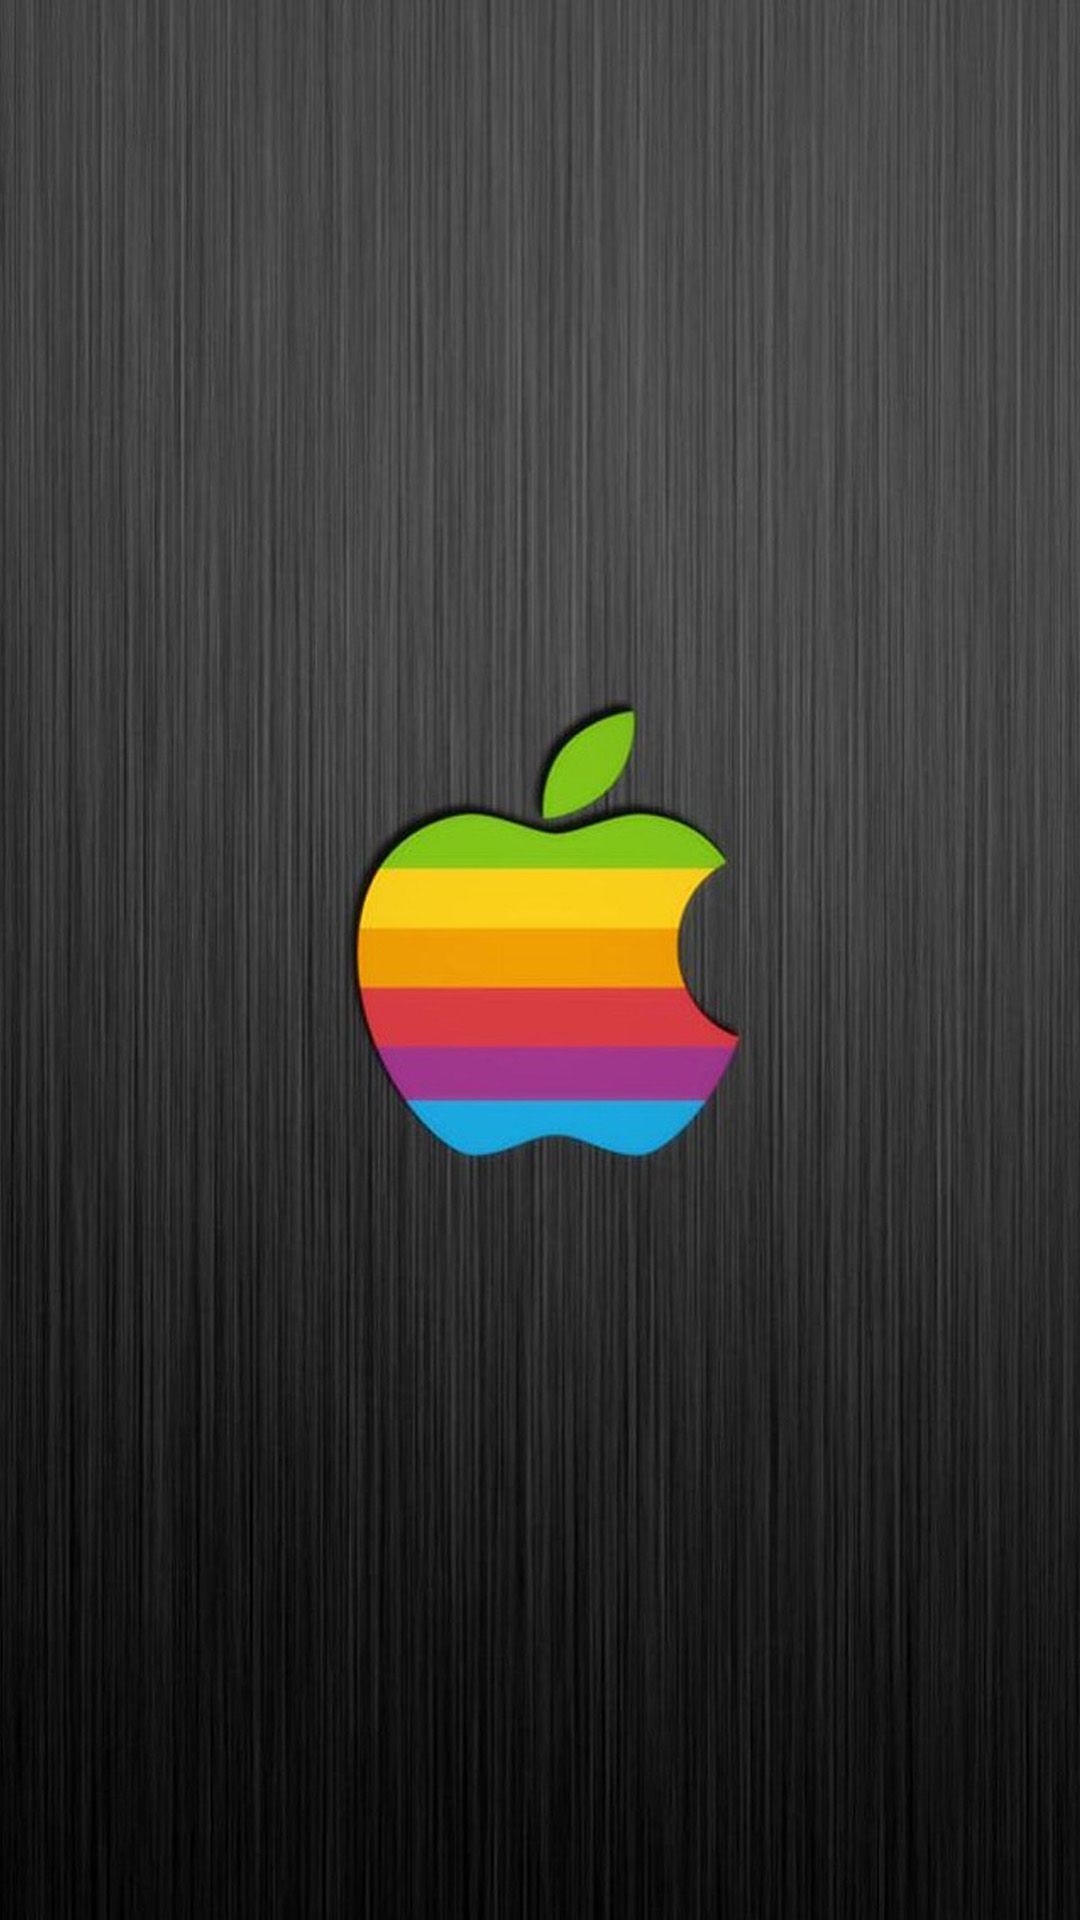 Iphone 7 Wallpaper Hd 92 Pinterest